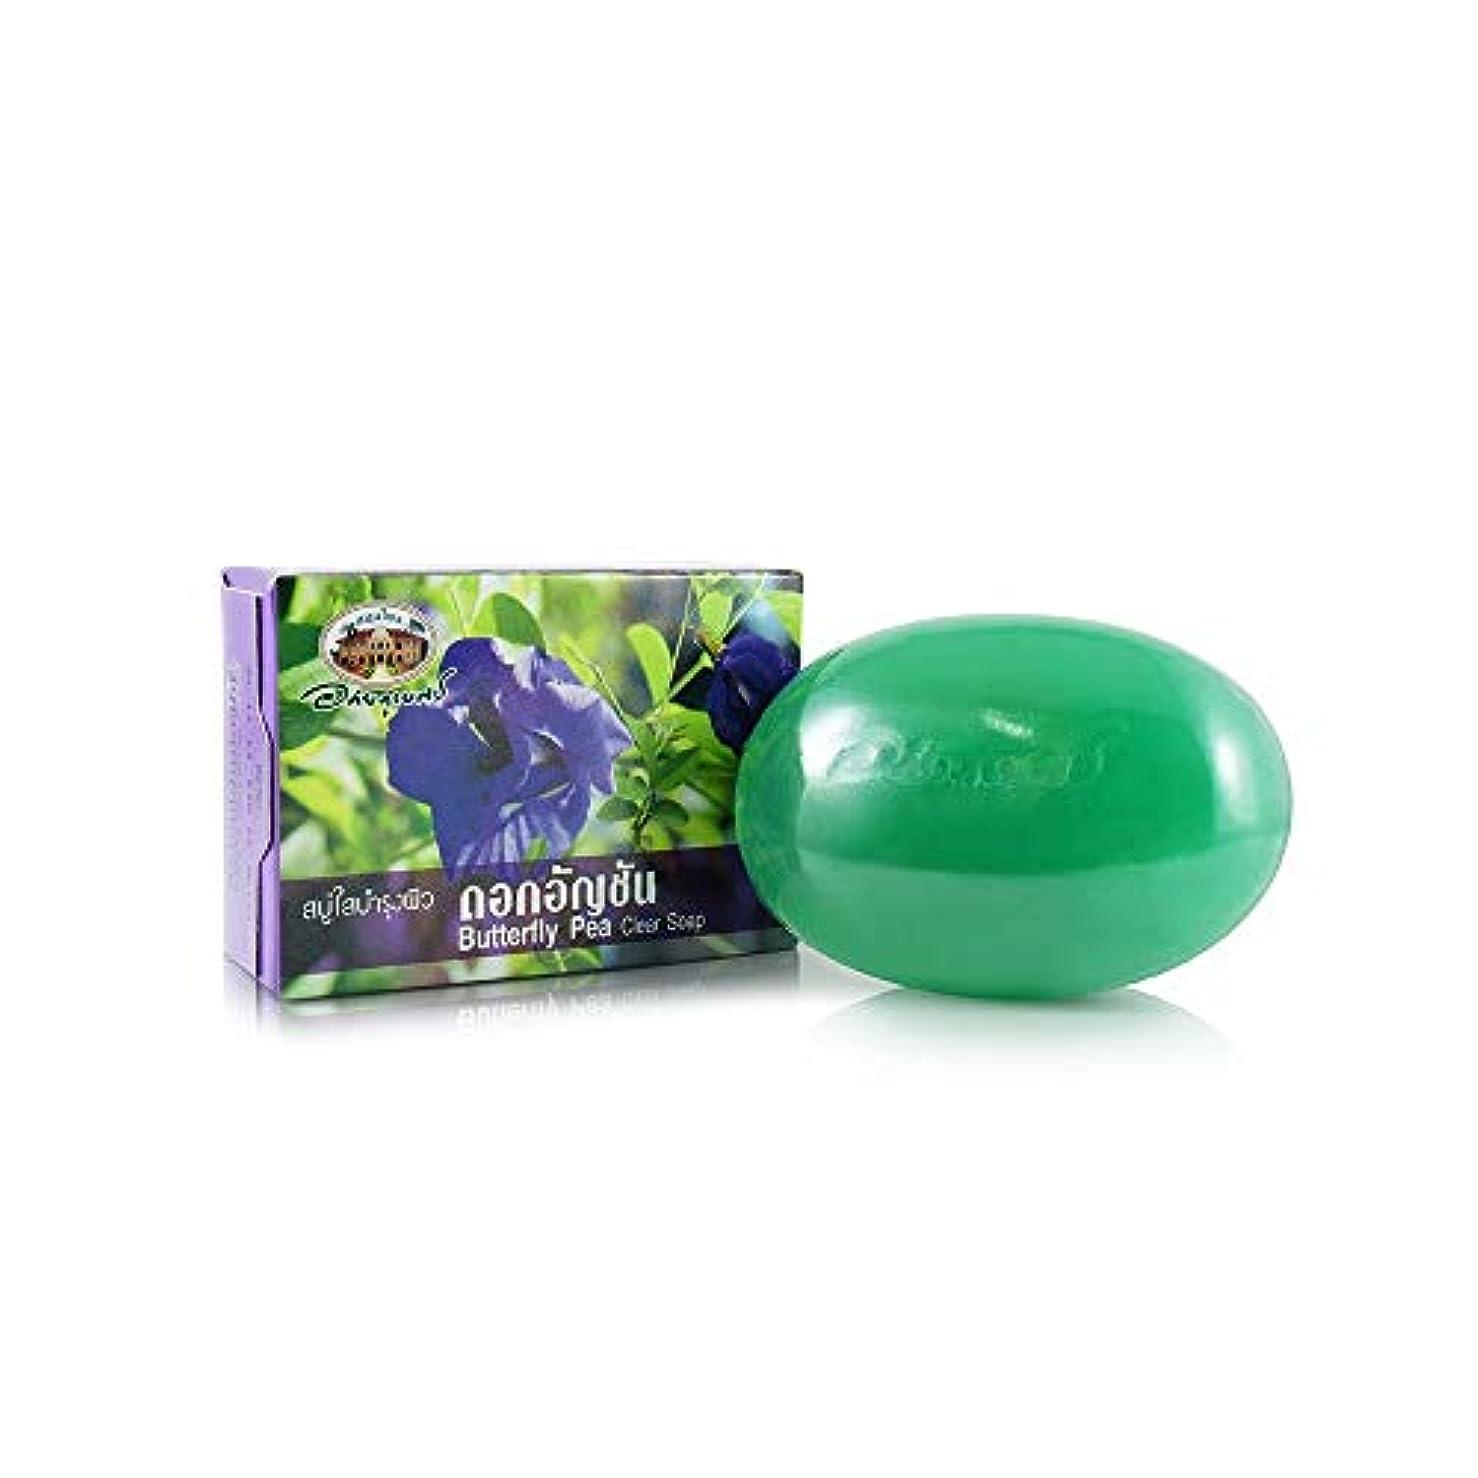 閉塞木曜日ロビーAbhaibhubejhr Pea Flowers Vitamin E Herbal Body Cleaning Soap 100g. Abhaibhubejhrピー花ビタミンEハーブボディクリーニングソープ100グラム。